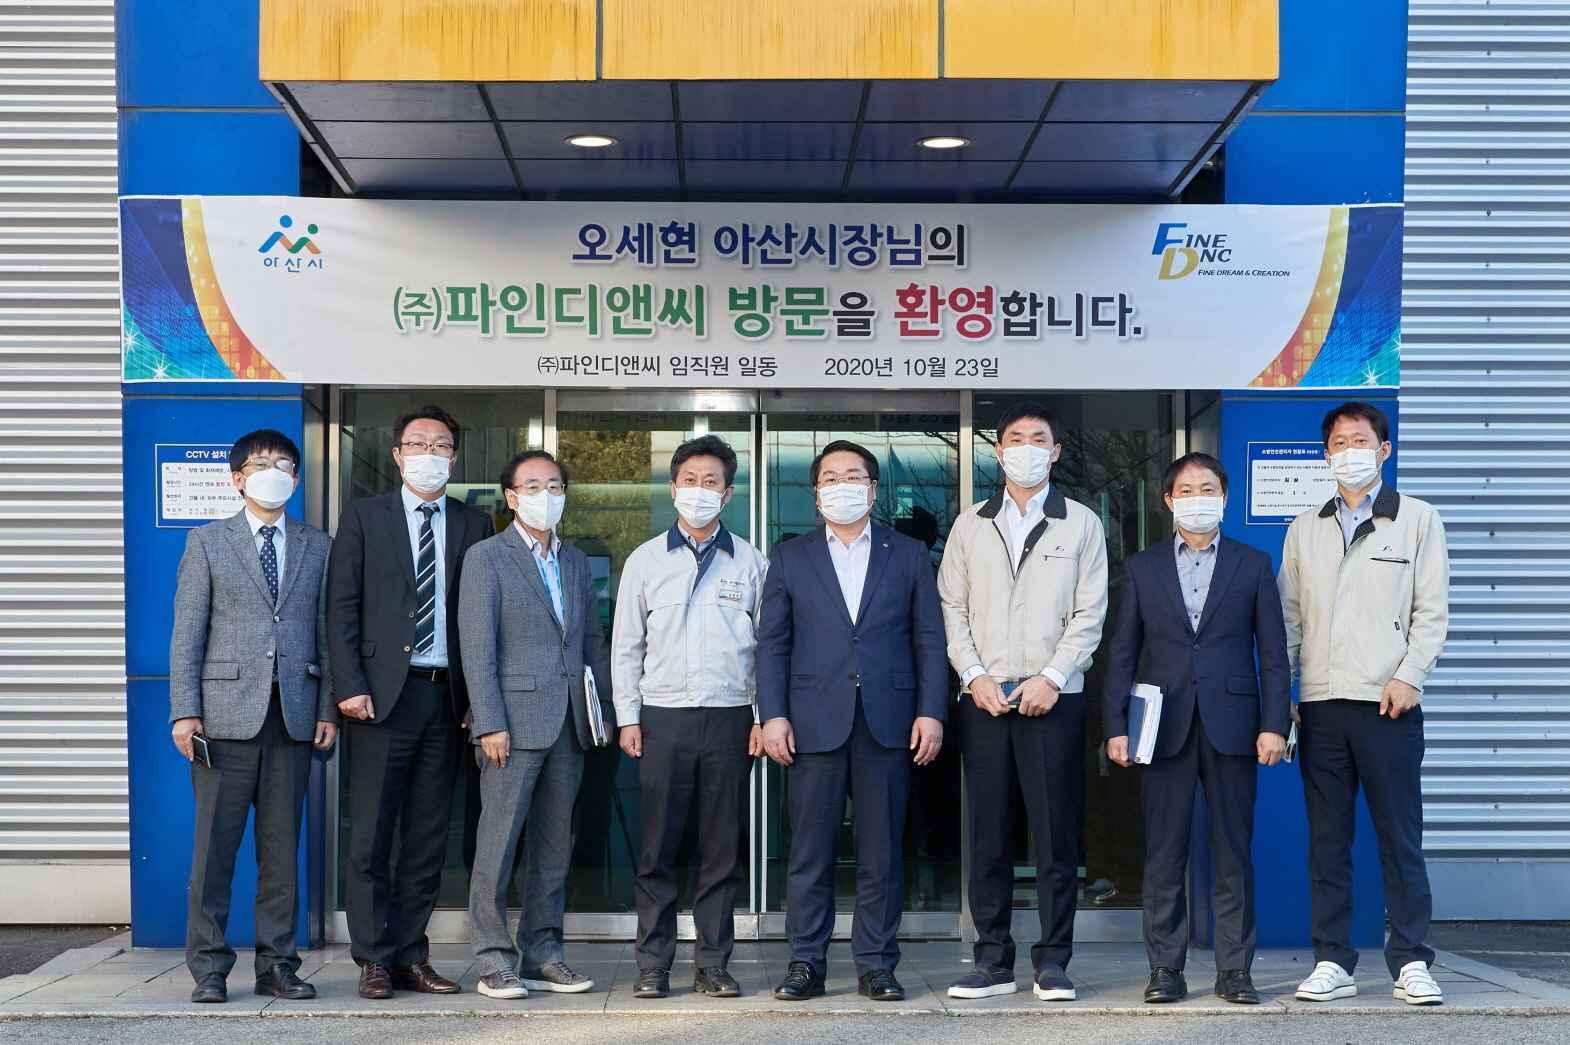 오세현 아산시장, ㈜파인디앤씨 기업체 현장 방문  관련사진